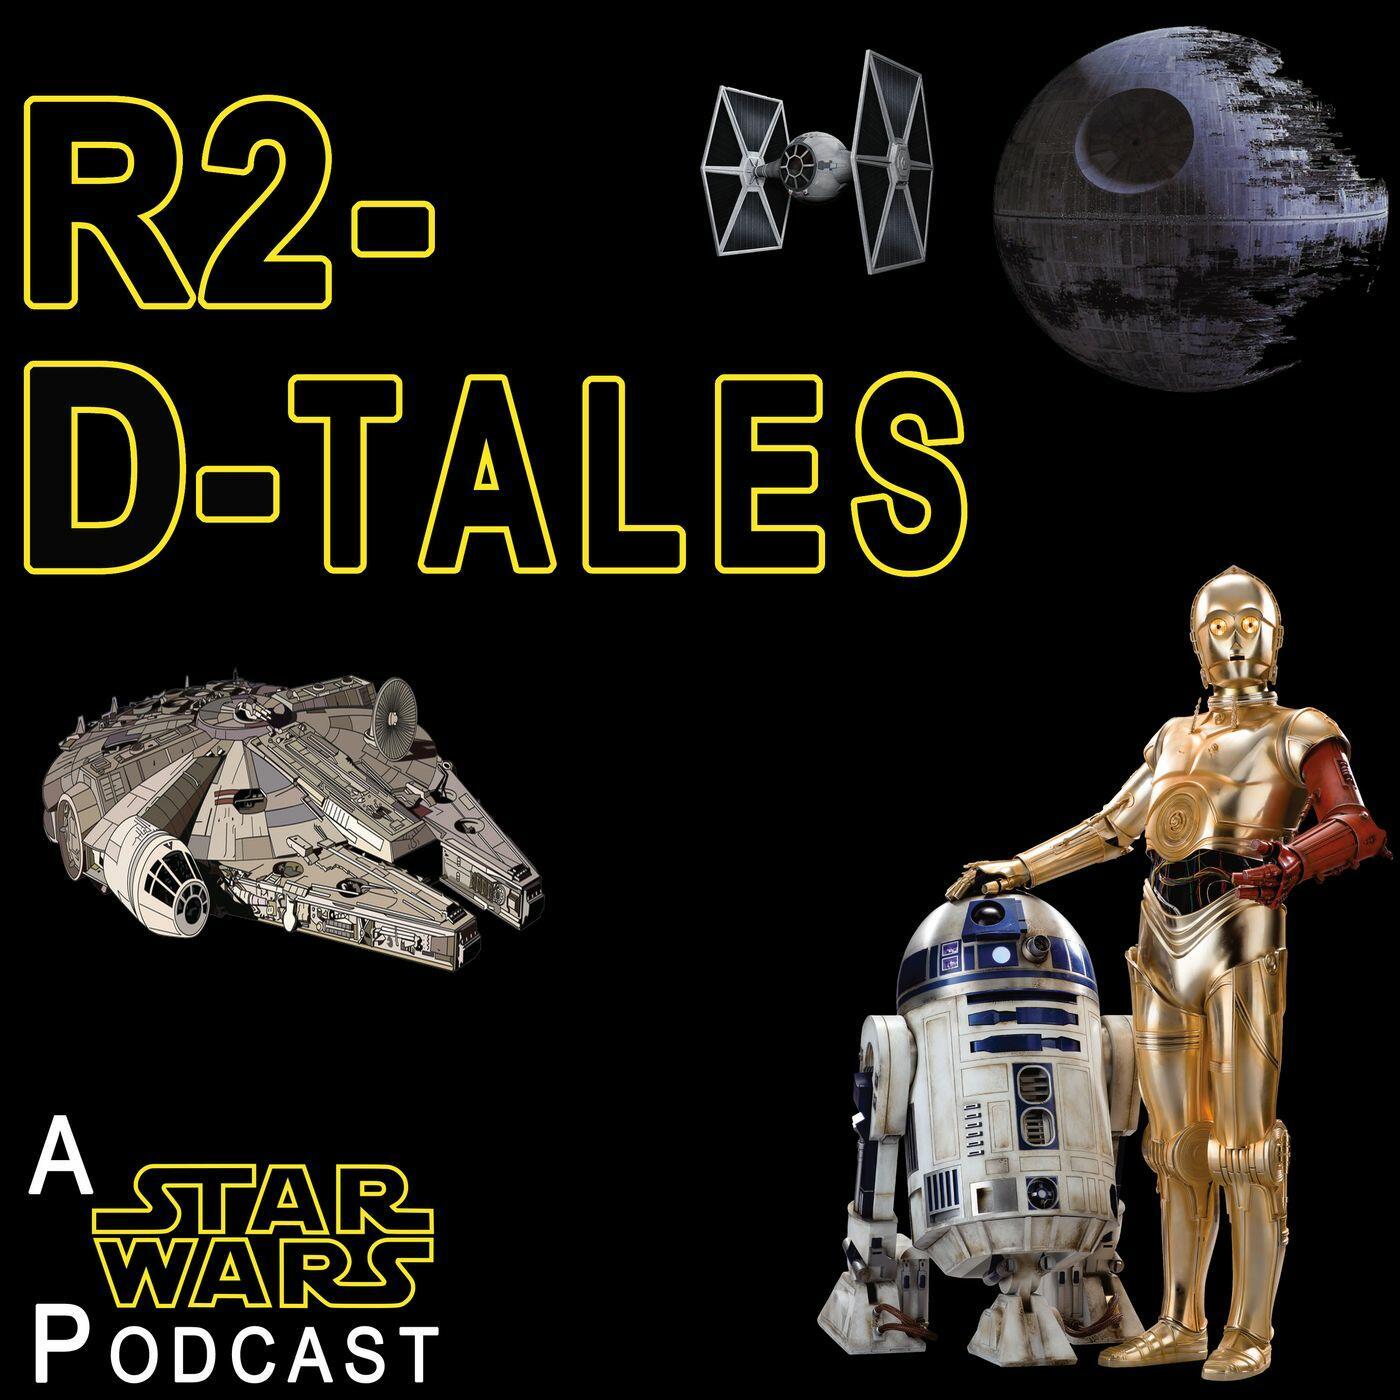 R2-D-Tales: A Star Wars Podcast